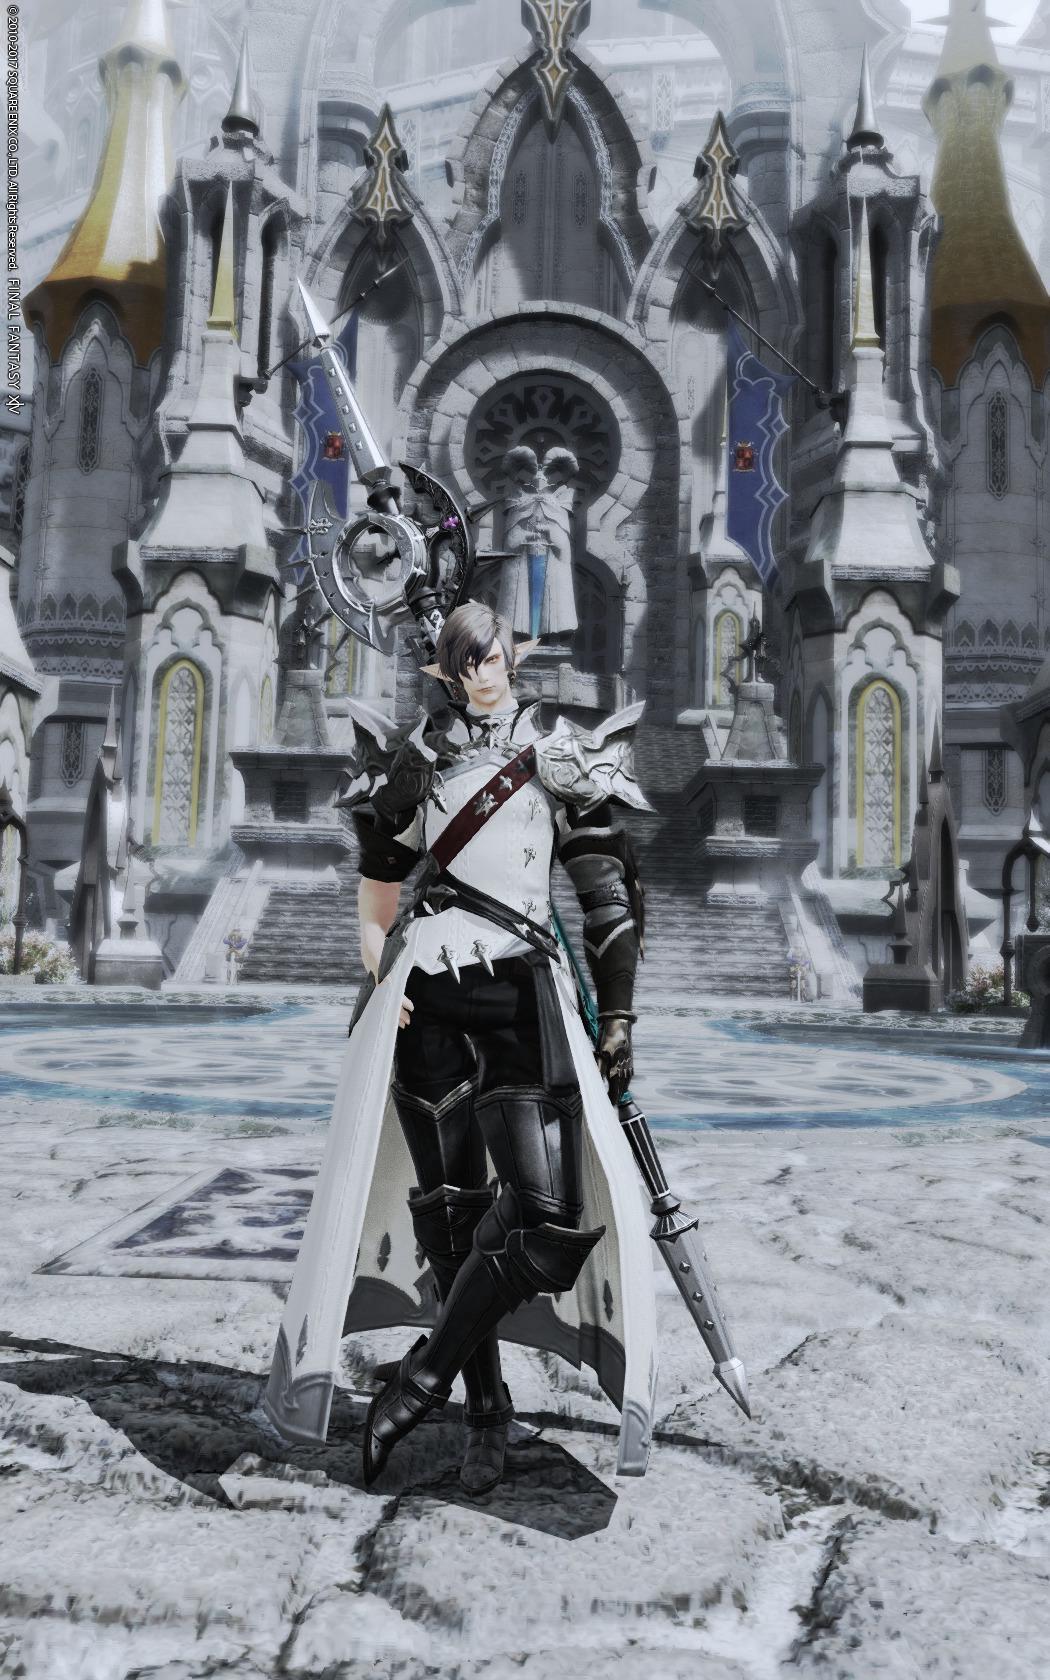 白い竜騎士